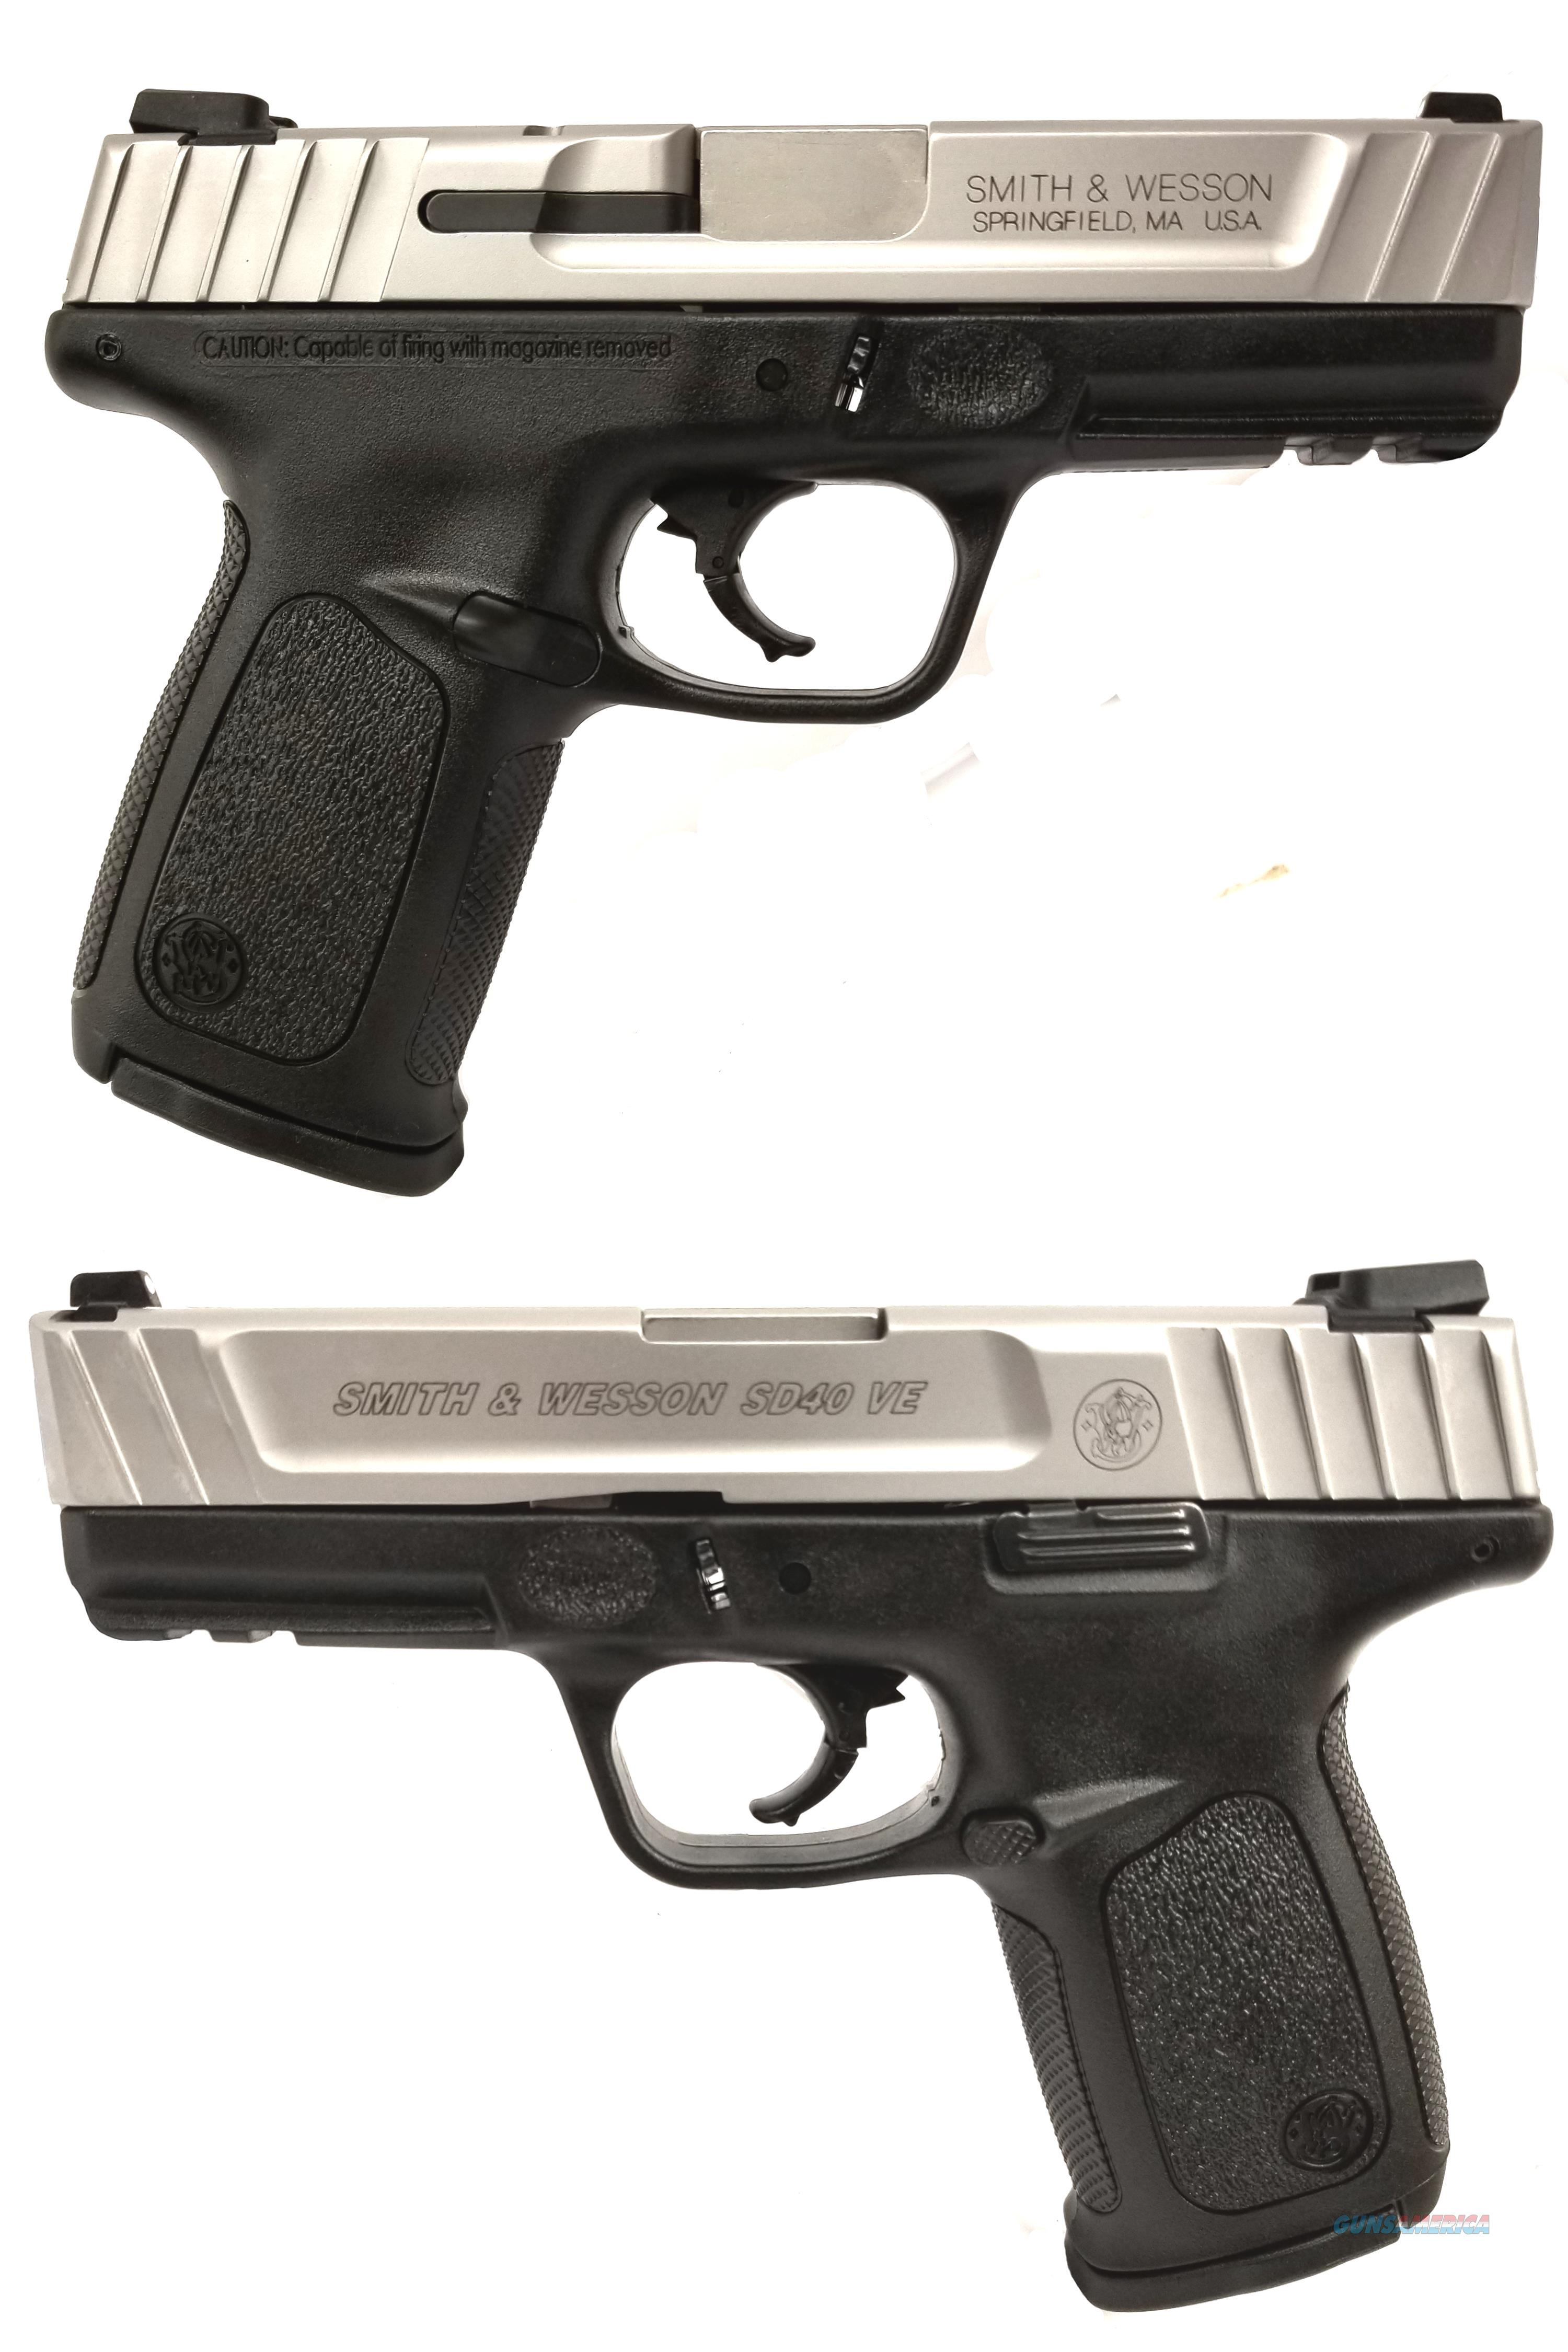 SMITH & WESSON SD40 VE .40S&W SEMI-AUTOMATIC HANDGUN  Guns > Pistols > Smith & Wesson Pistols - Autos > Polymer Frame